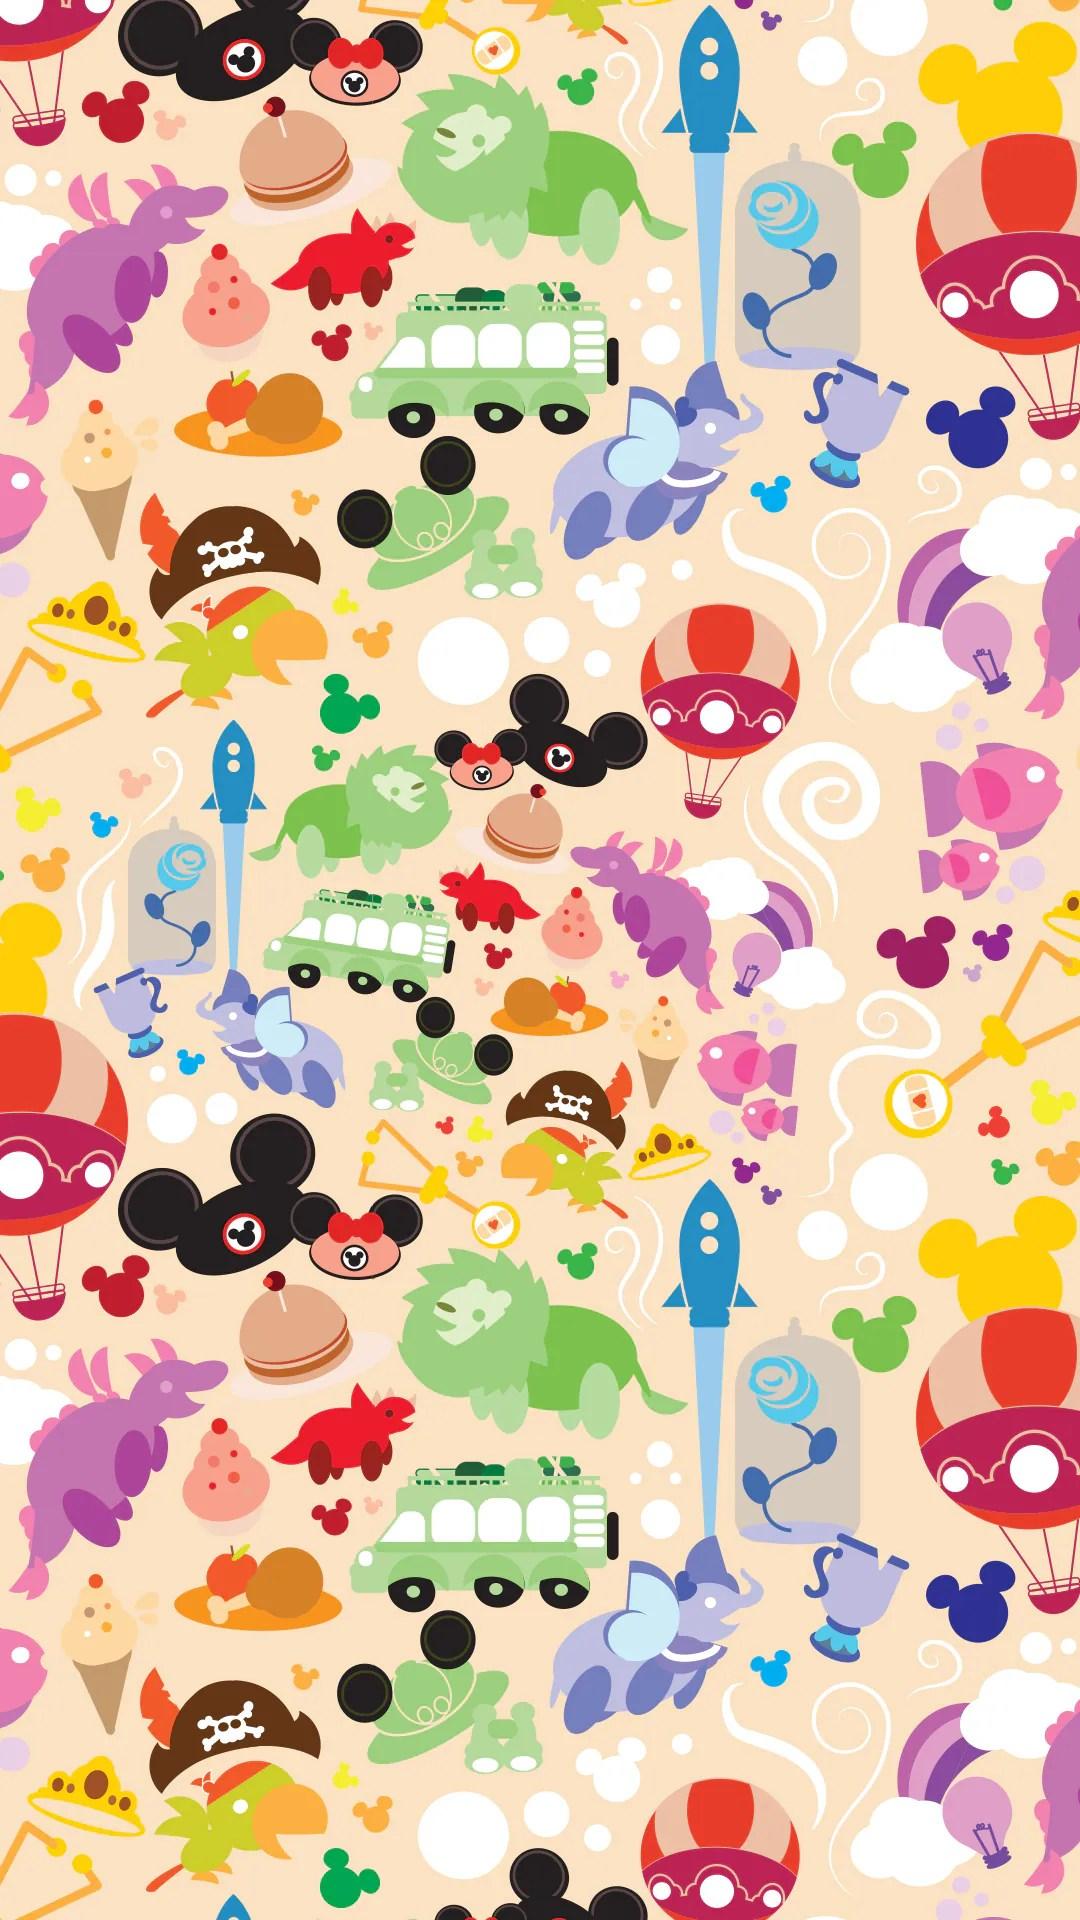 Hong Kong Iphone X Wallpaper Disneykids Download Our Playful Walt Disney World Resort